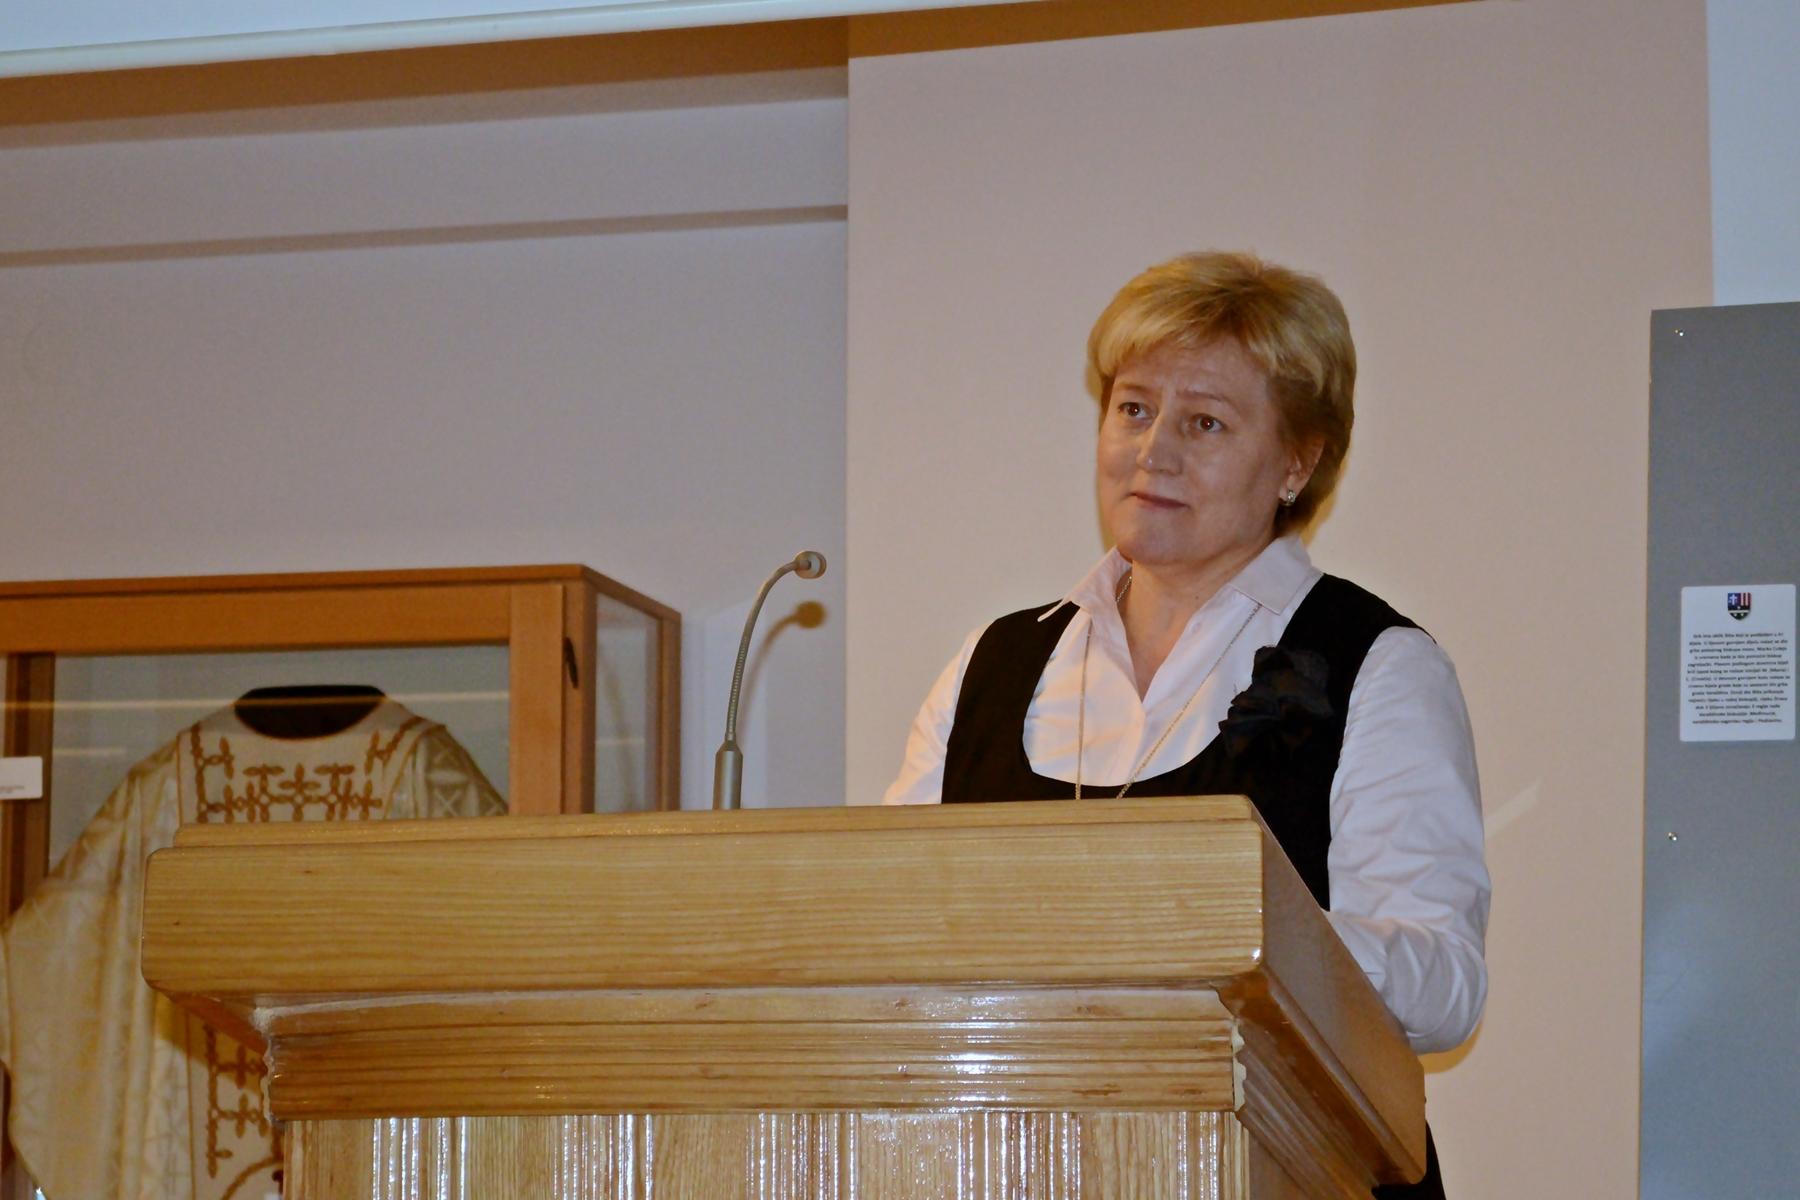 Specijalistica ginekologije dr. sc. Mirjana Radan na tribini u Varaždinu o zamjenskom majčinstvu